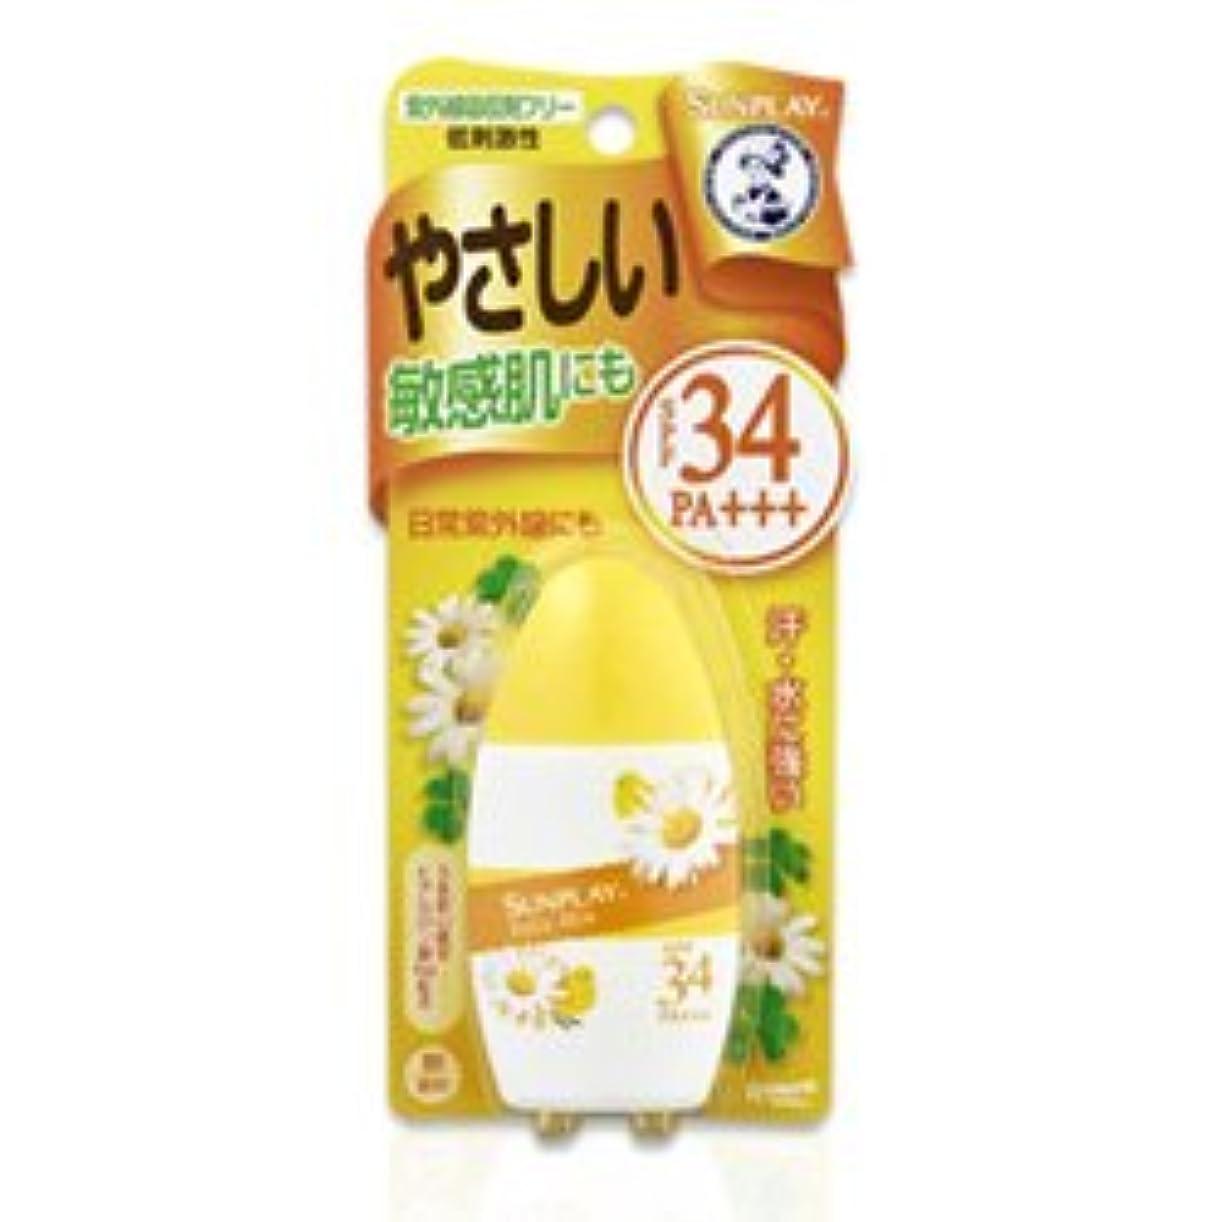 能力試してみる前提条件【ロート製薬】メンソレータム サンプレイ ベビーミルク 30g ×5個セット